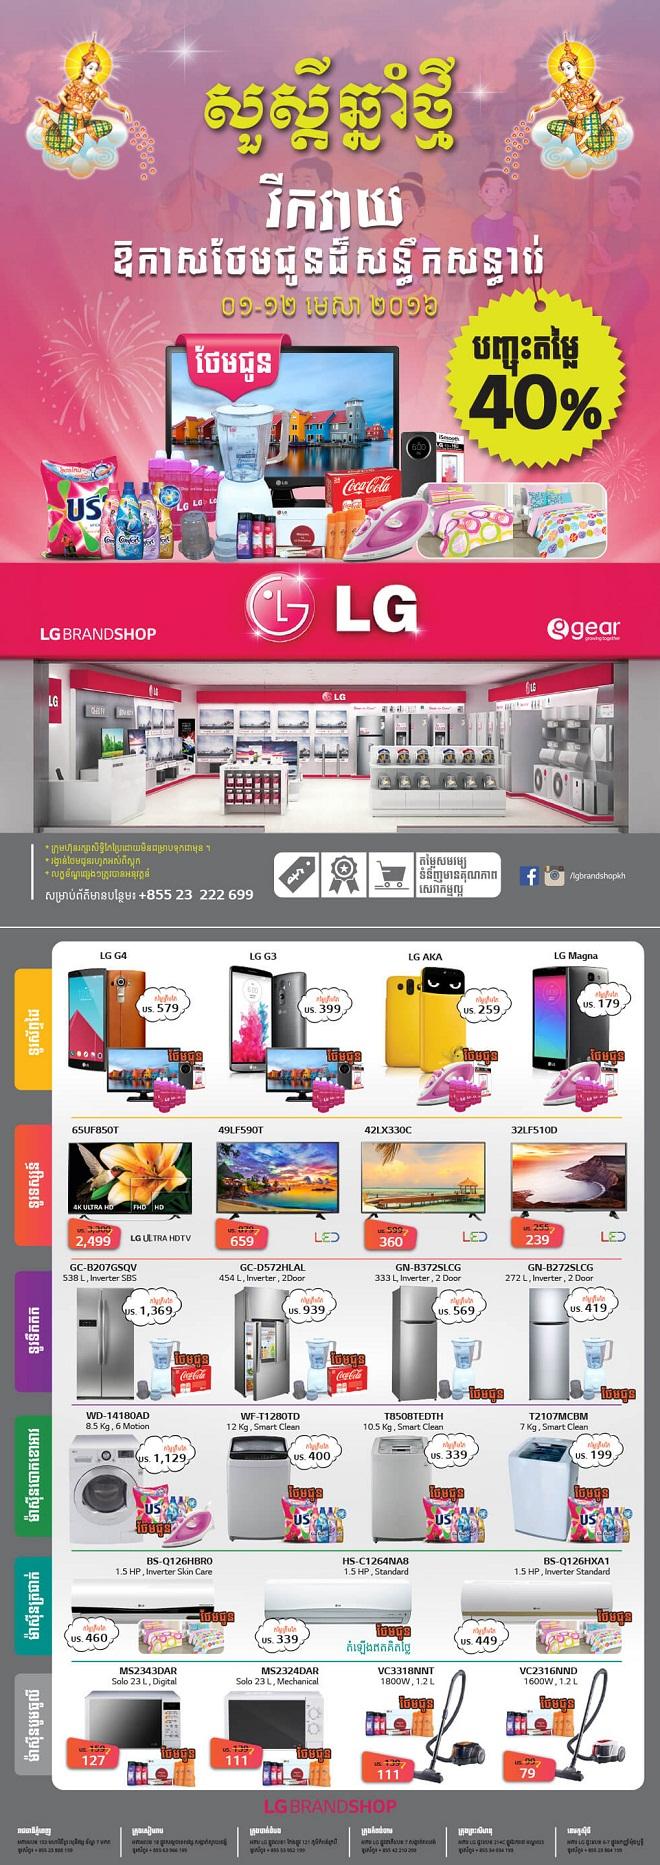 សួស្ដីឆ្នាំថ្មី បញ្ចុះតម្លៃរហូតដល់ ៤០ភាគរយ  និង ថែមជូនយ៉ាងច្រើនសន្ធឹកសន្ធាប់ ពី LG BrandShop